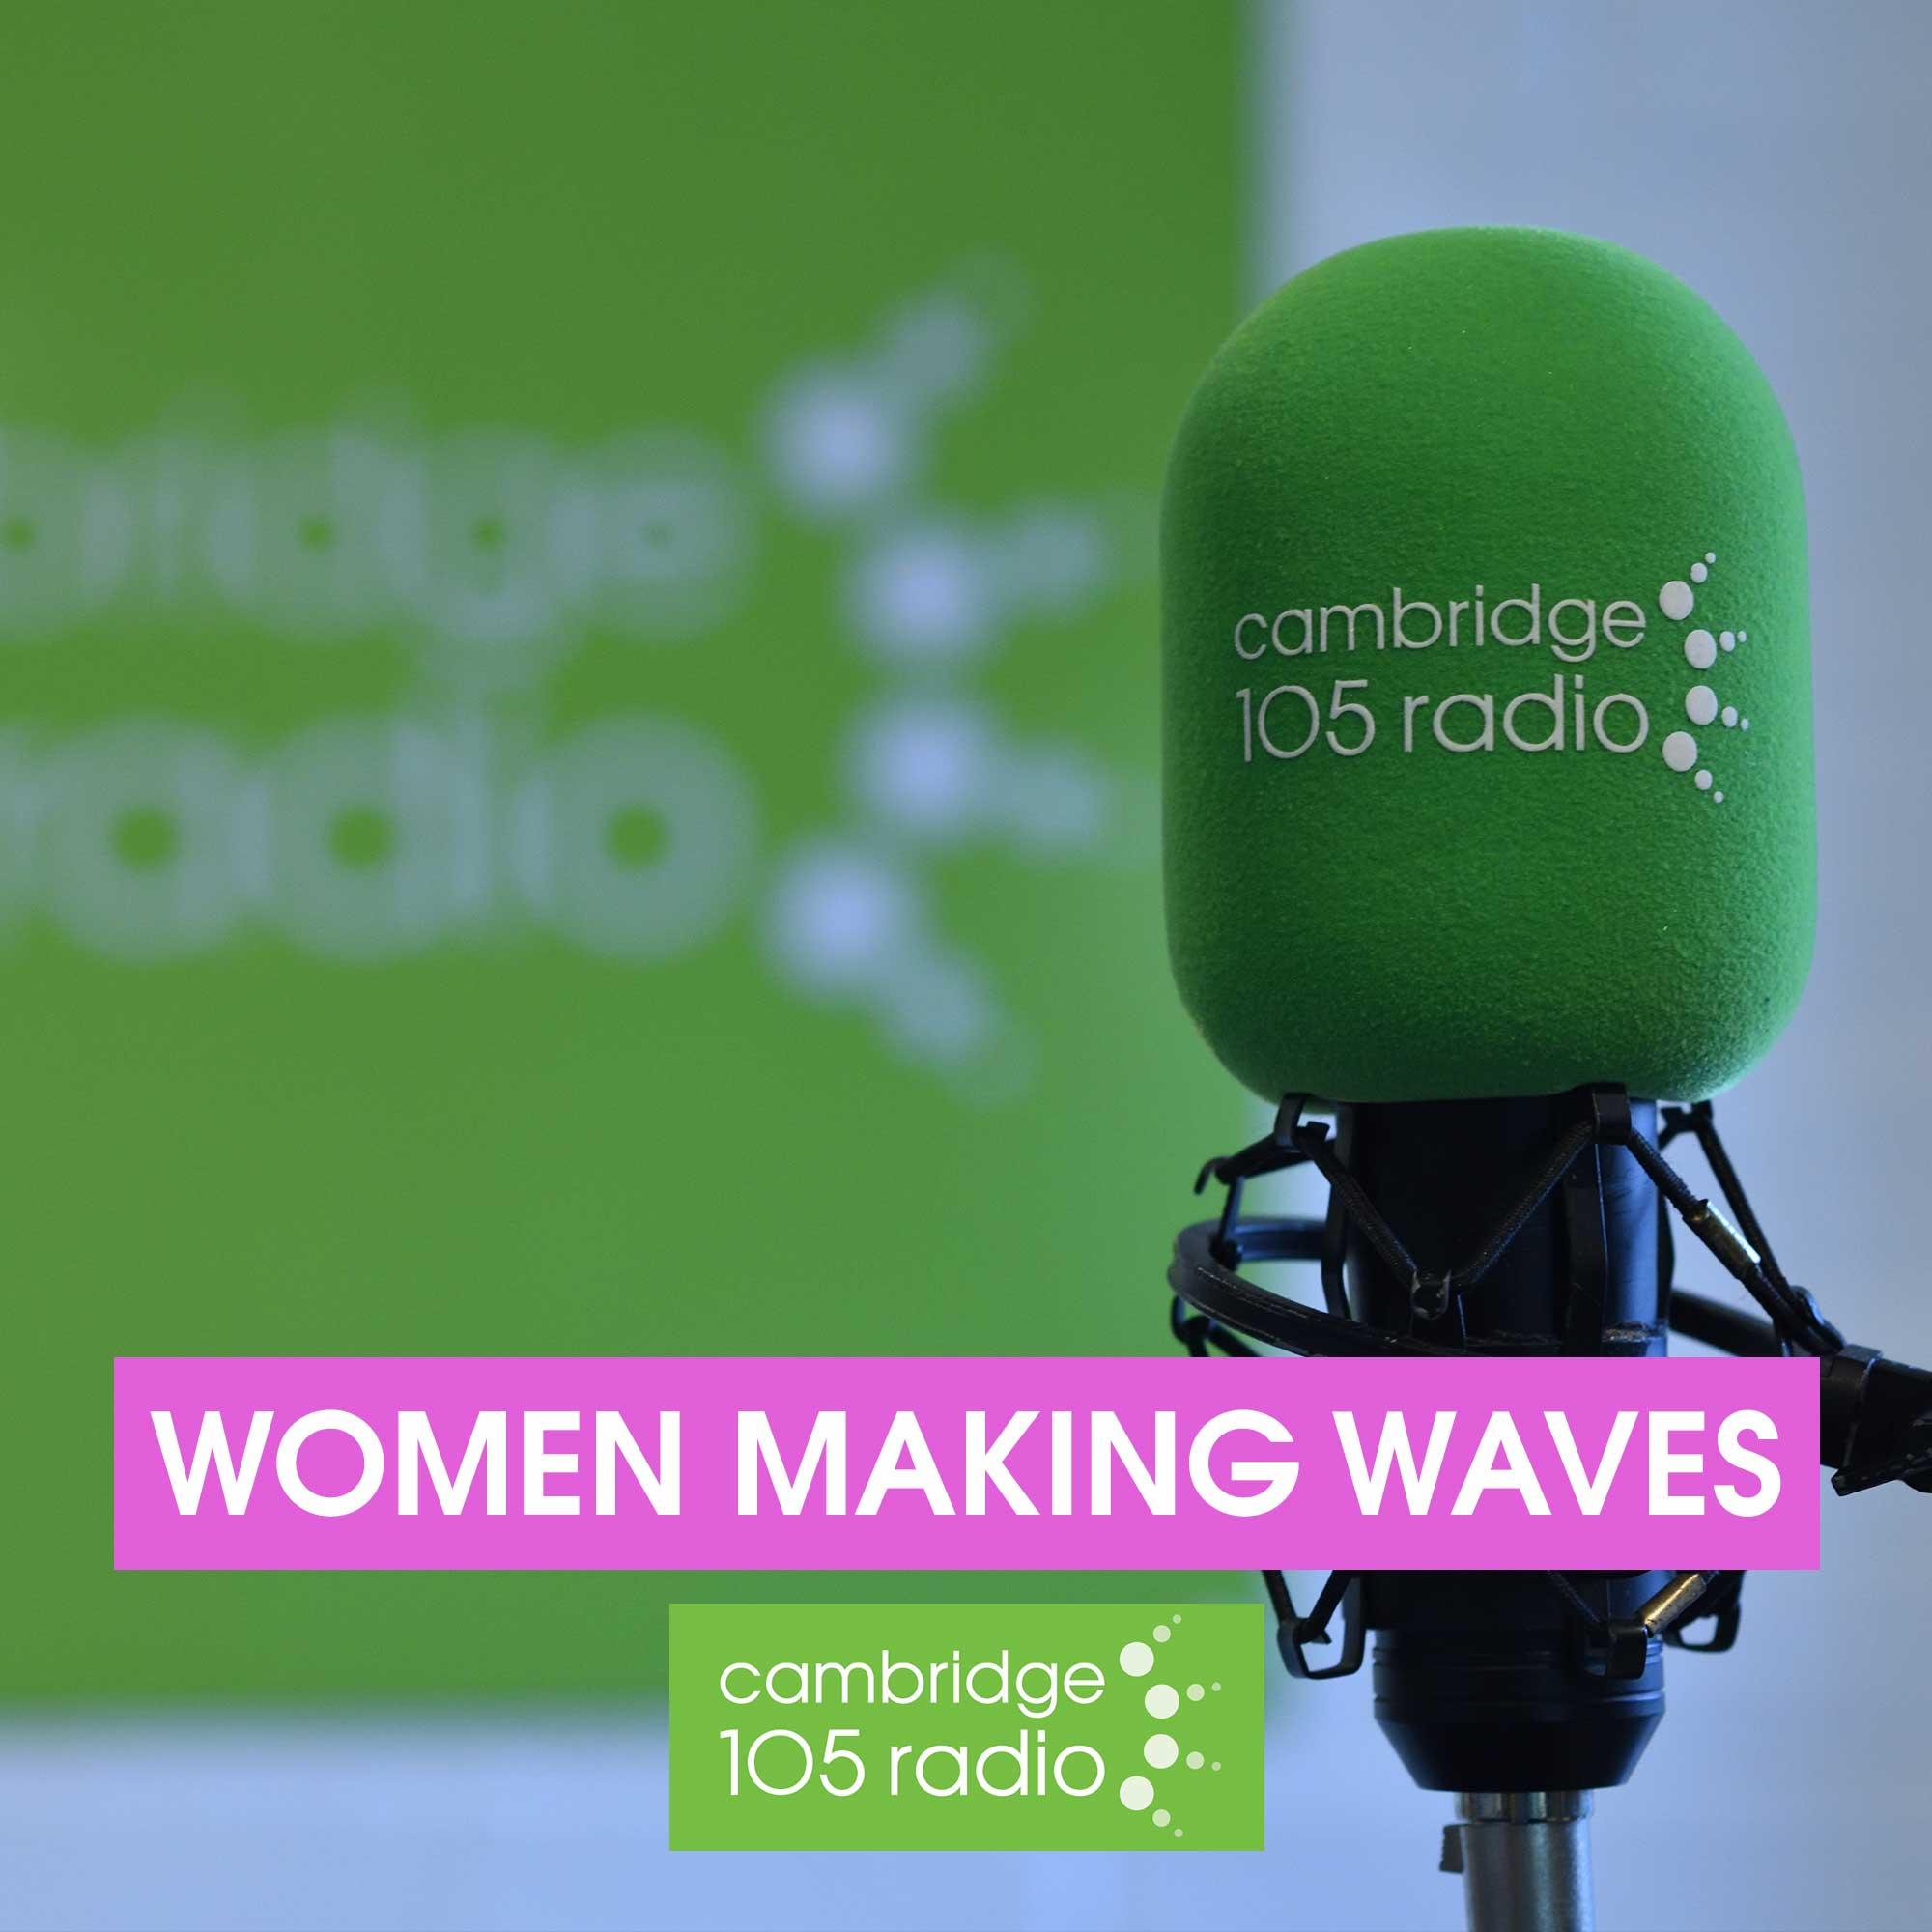 Women Making Waves